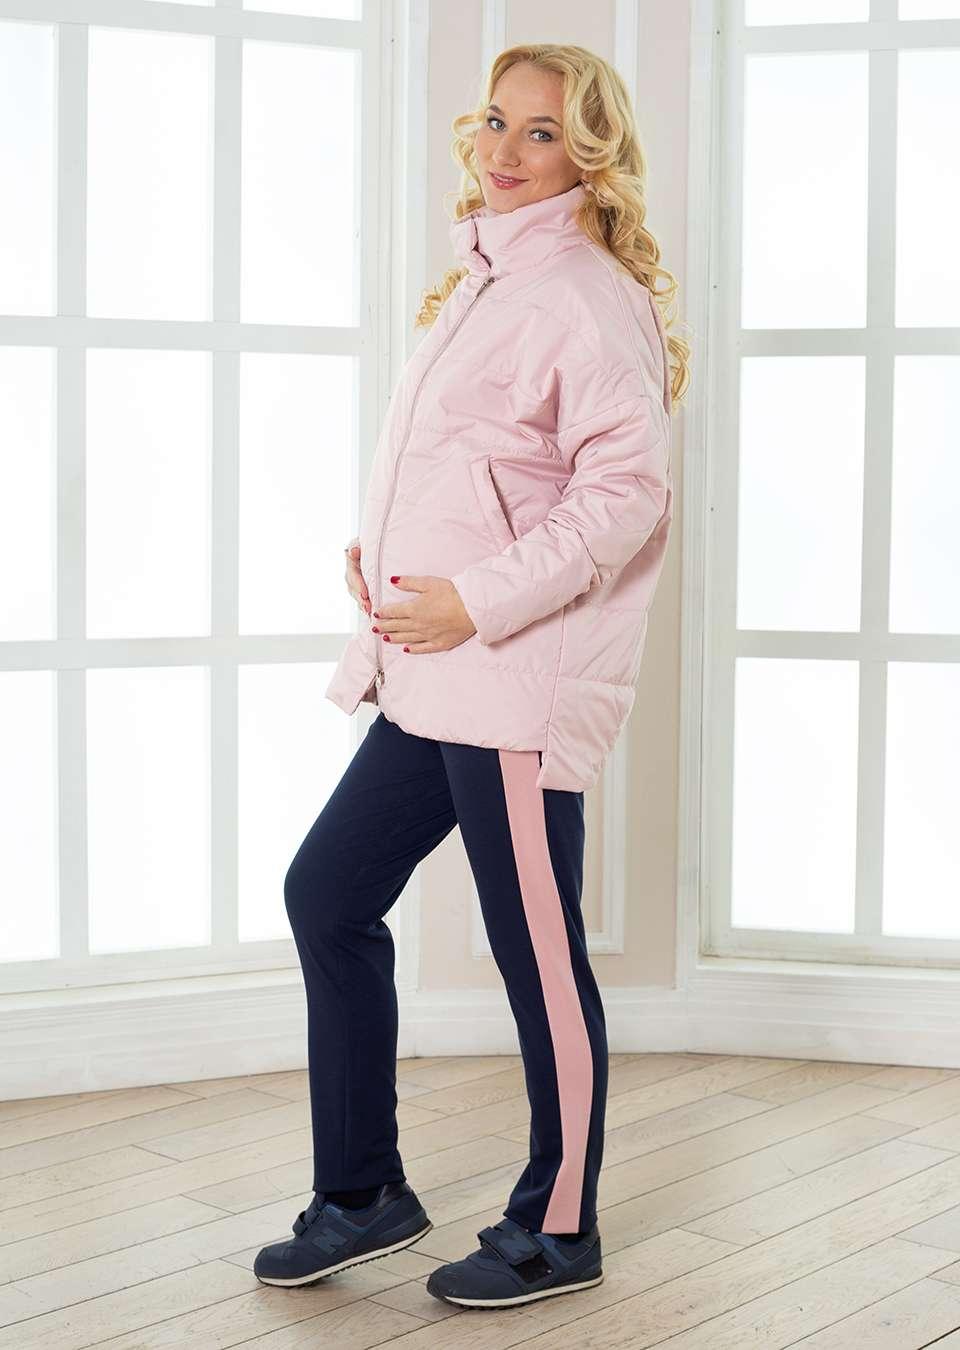 Брюки Джина с лампасом для беременных